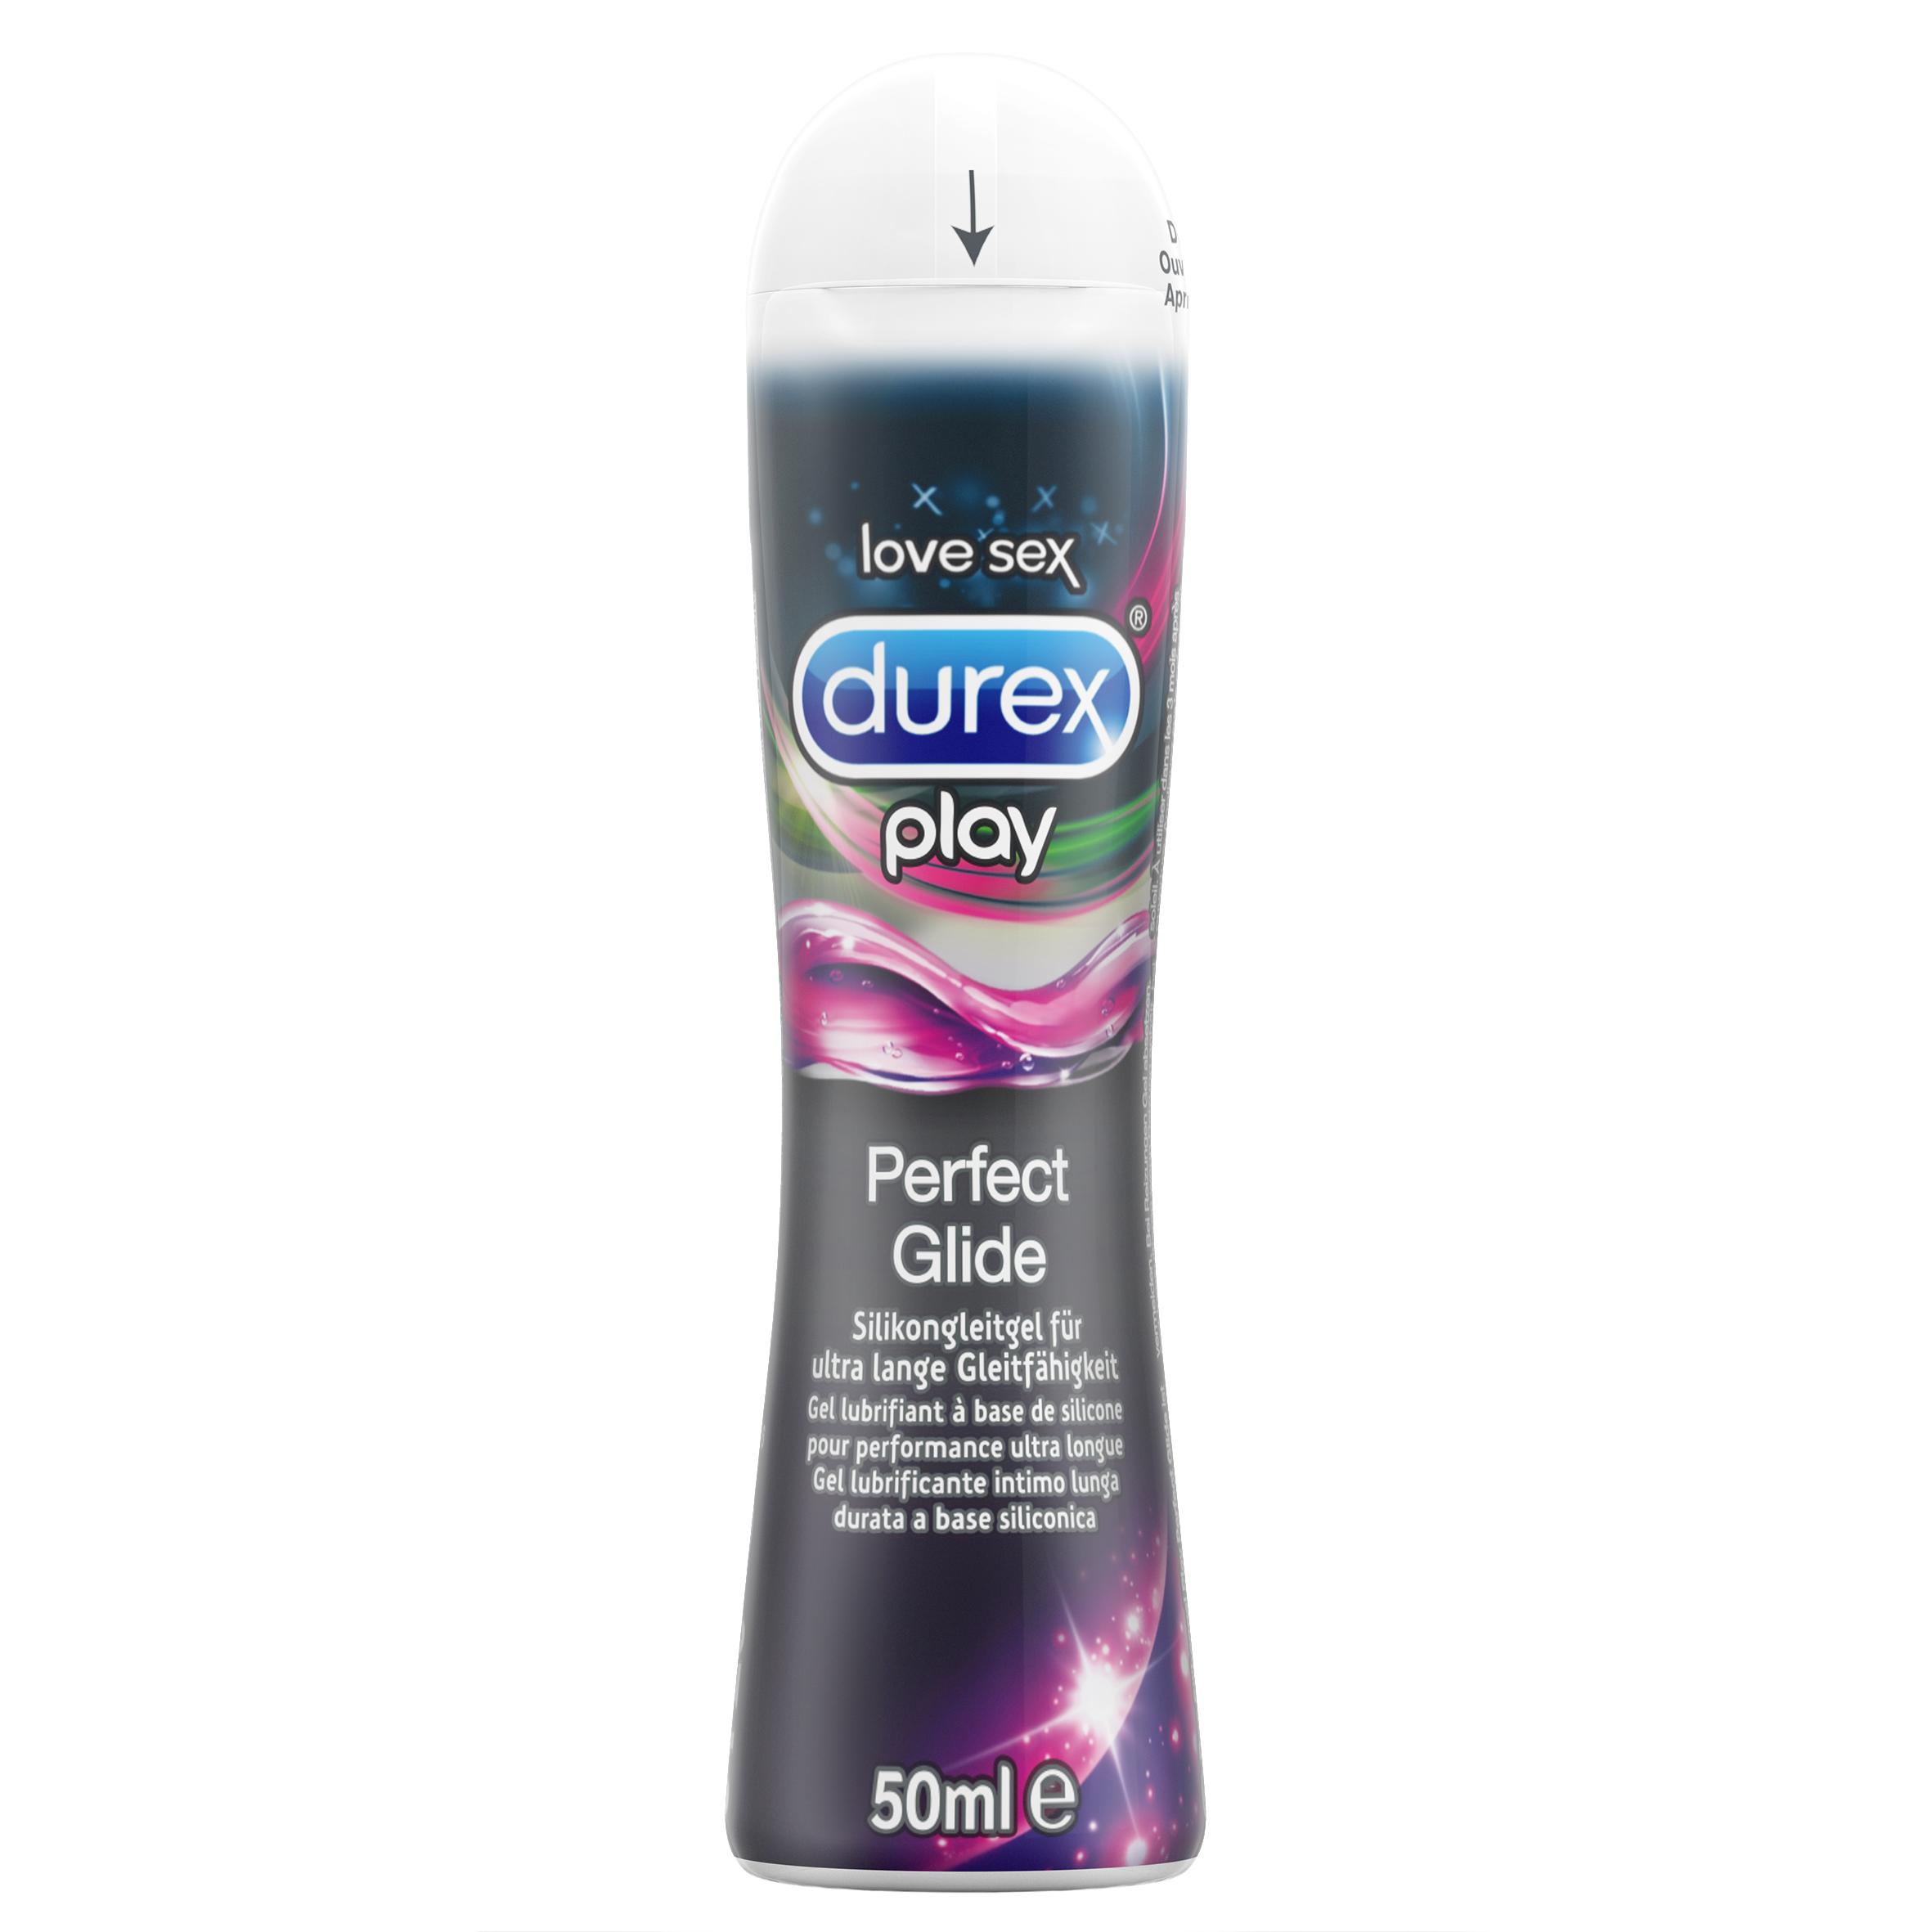 Durex Play Perfect Glide Gleit- und Erlebnisgel, 50ml